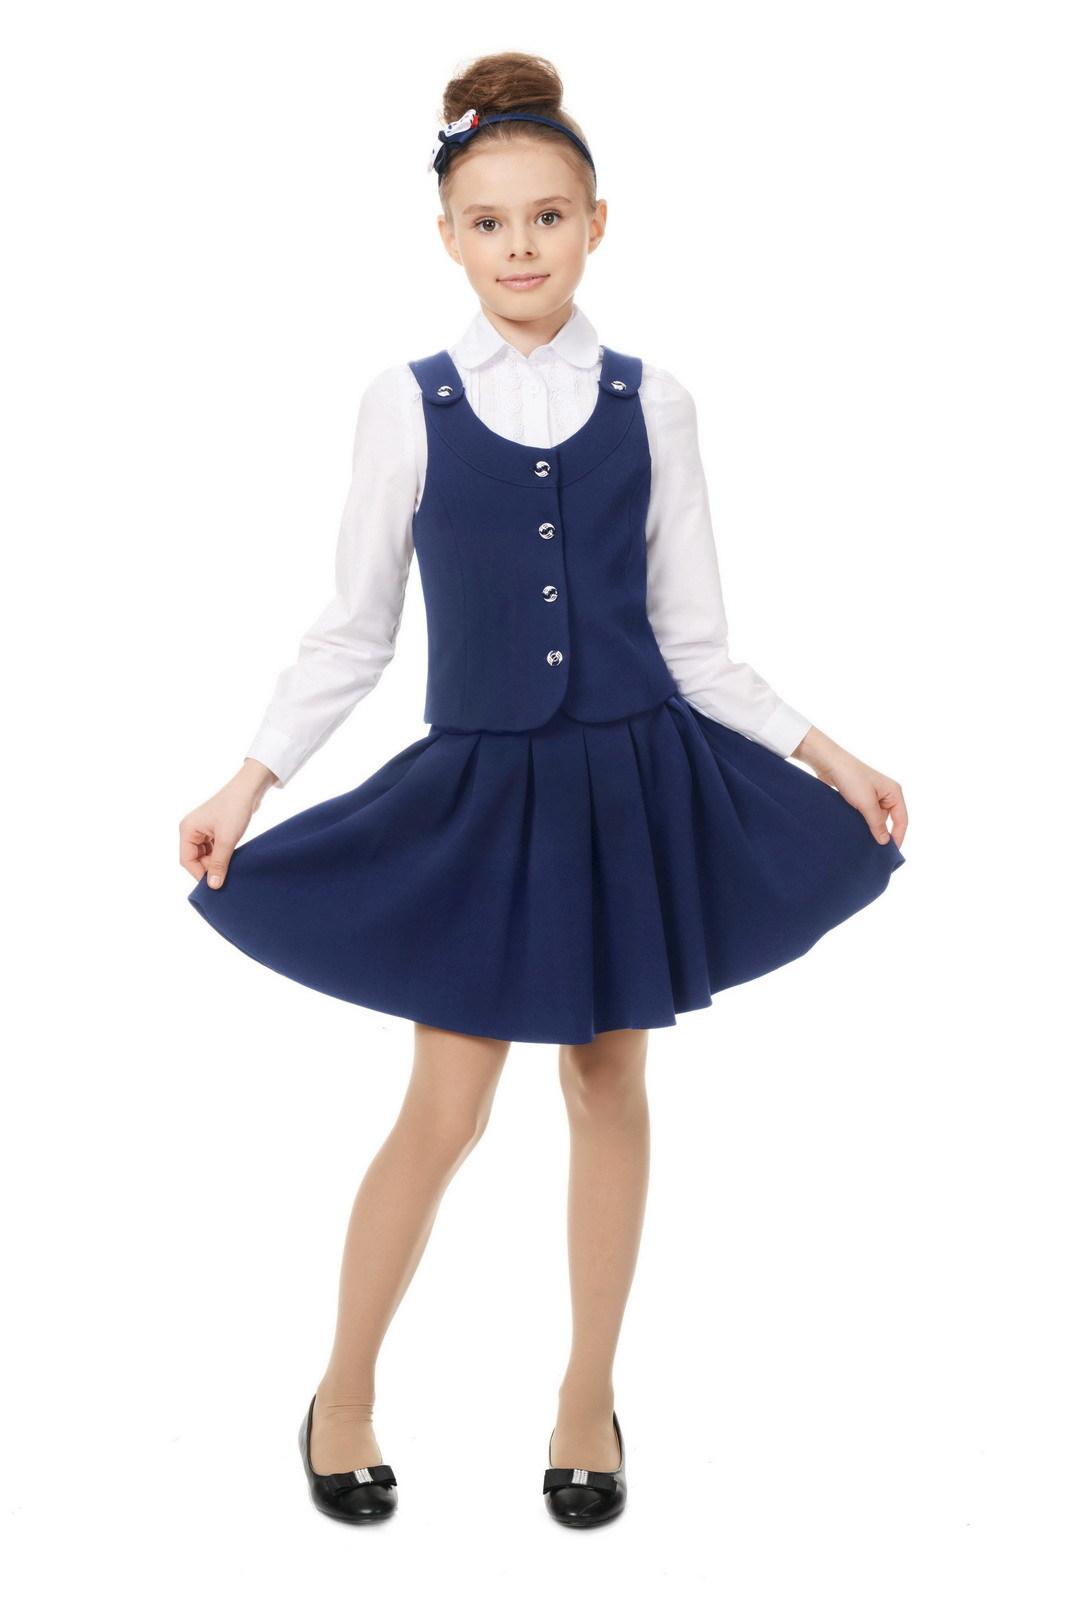 Купить Школьная юбка для девочек SkyLake ШФ-259 Рио цв. синий, р. 32/128, Юбки для девочек